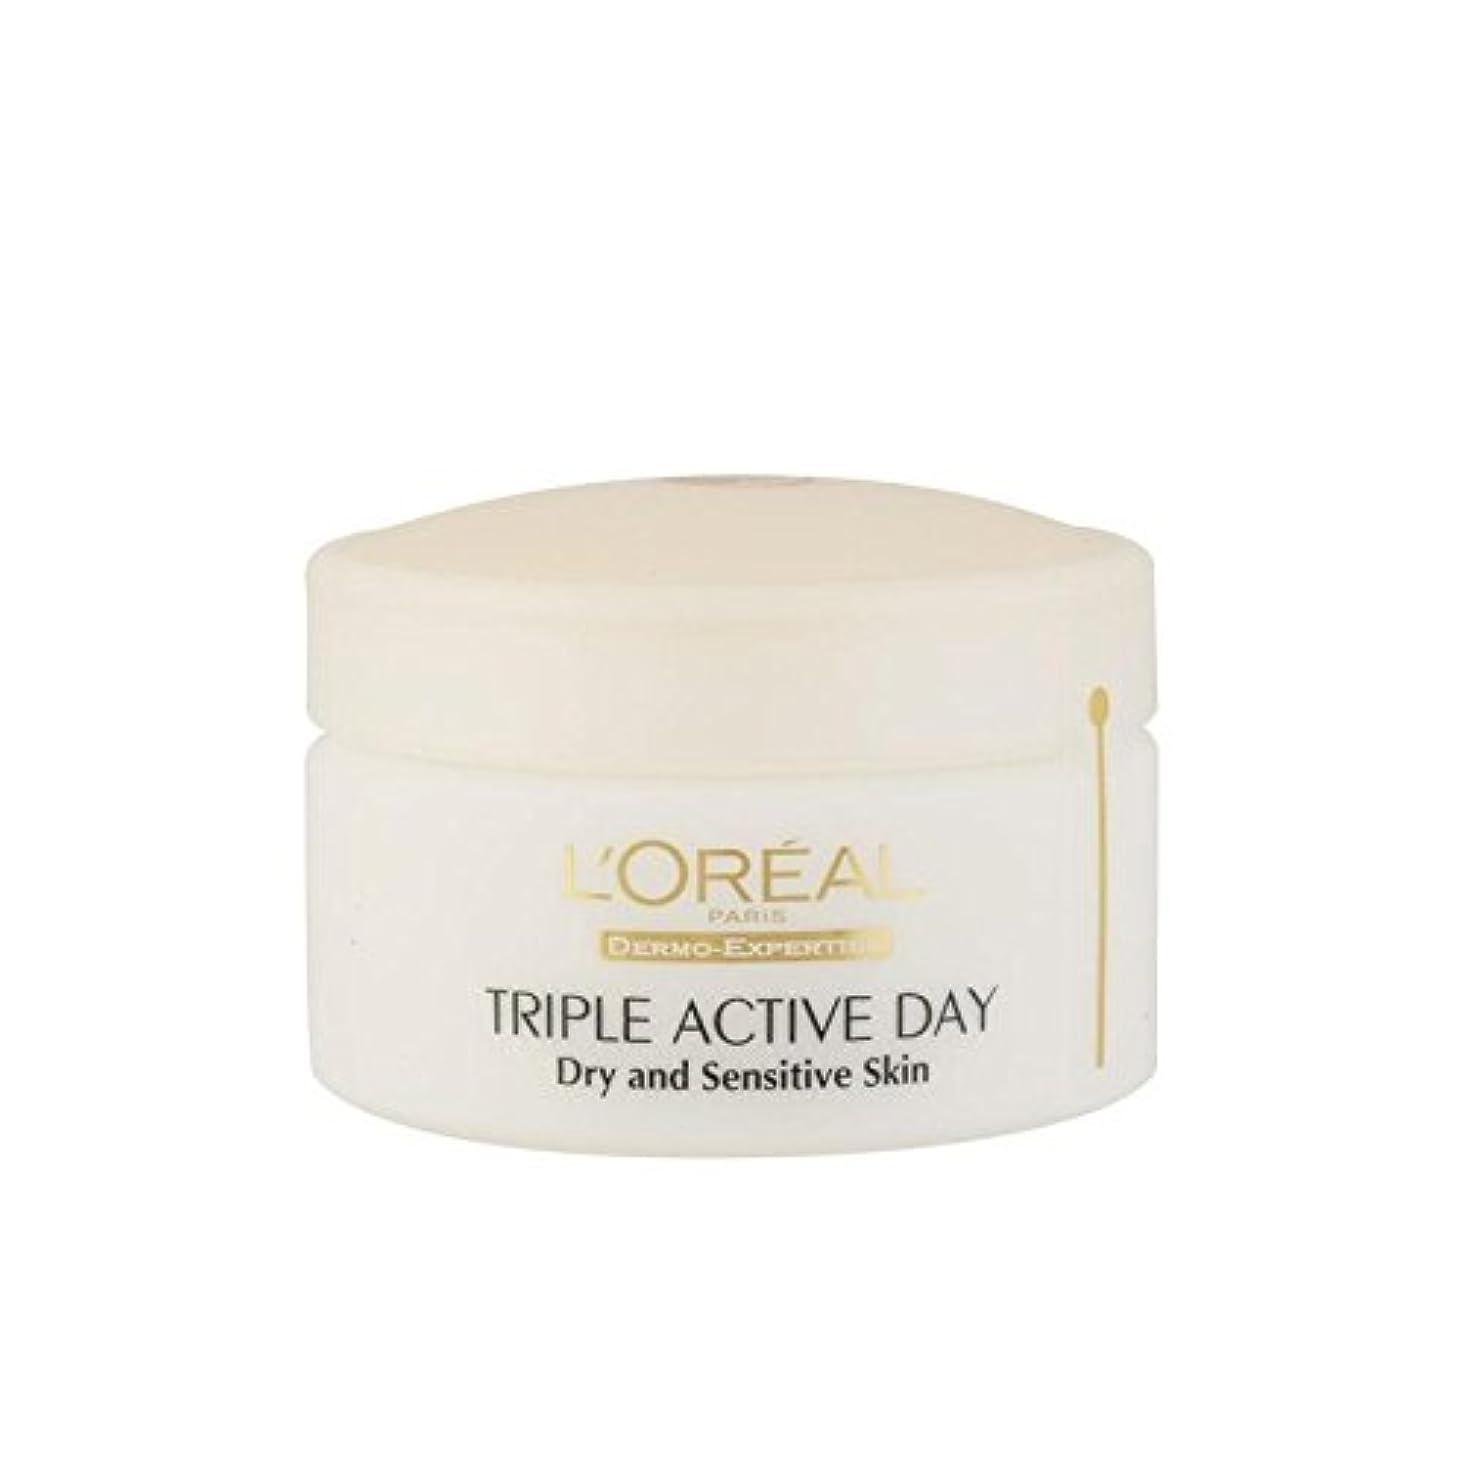 遊びます楽な司書ロレアルパリ、真皮の専門知識トリプルアクティブな一日のマルチ保護保湿 - ドライ/敏感肌(50ミリリットル) x2 - L'Oreal Paris Dermo Expertise Triple Active Day Multi-Protection Moisturiser - Dry/Sensitive Skin (50ml) (Pack of 2) [並行輸入品]